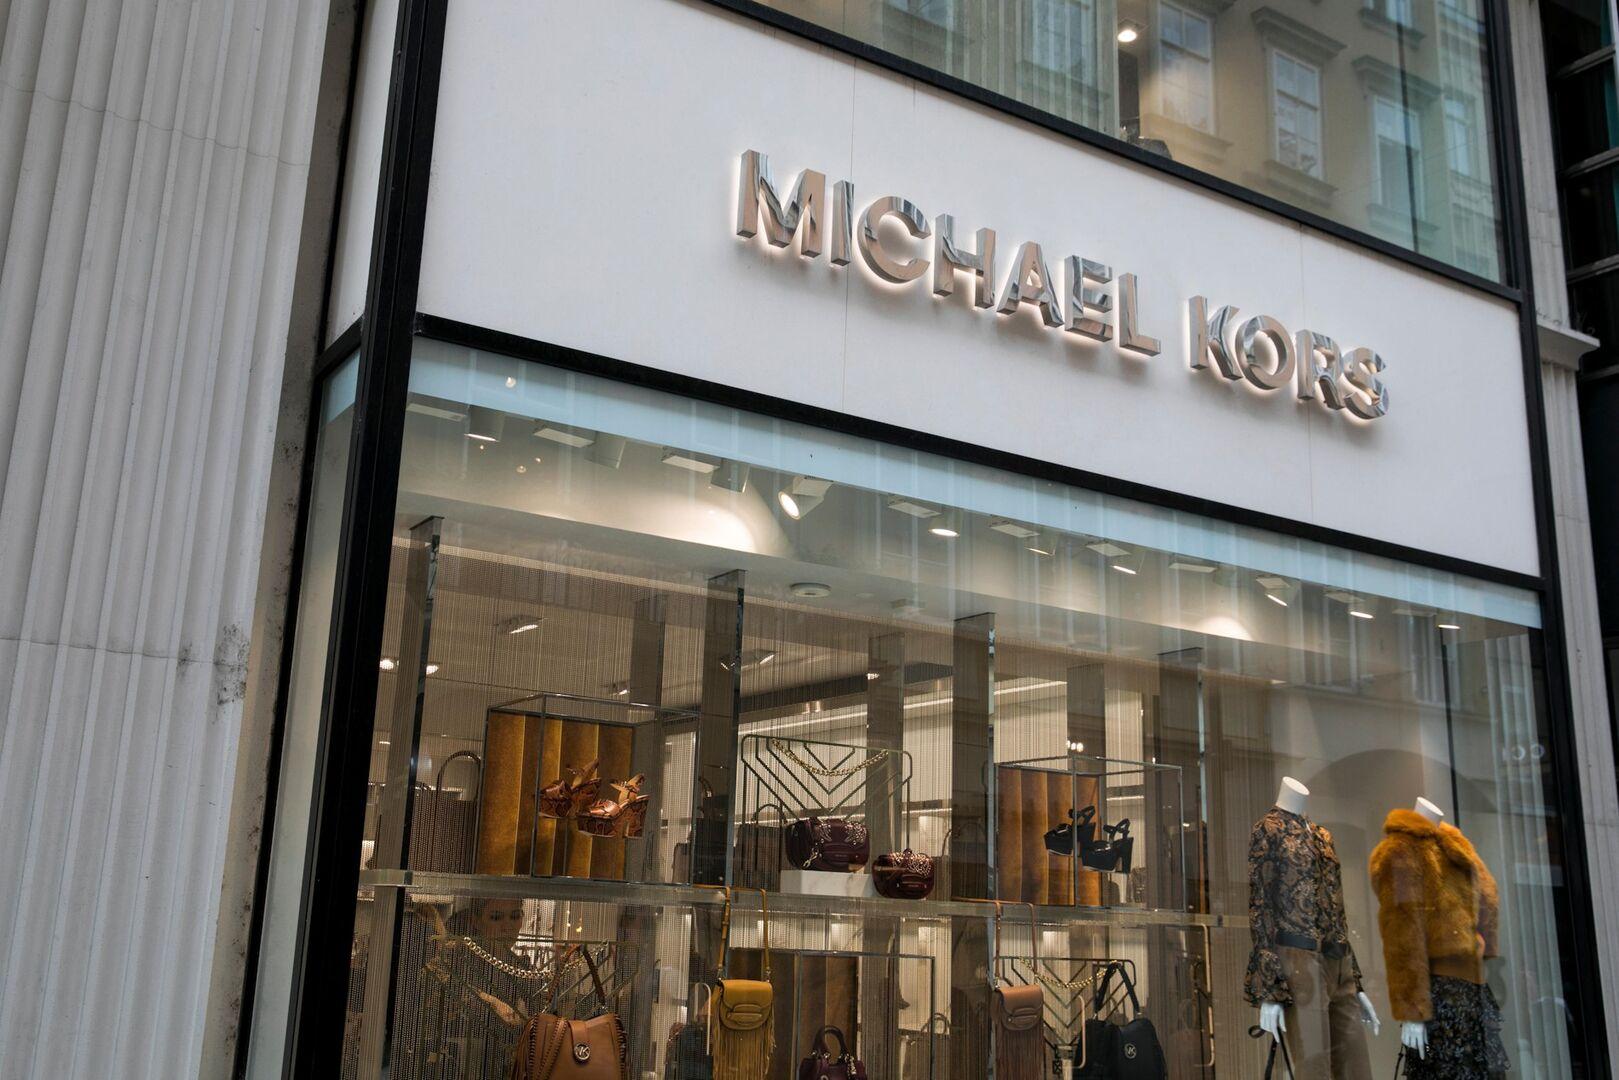 El grupo de moda estadounidense Michael Kors ha acordado adquirir la firma  italiana Gianni Versace por 2.120 millones de dólares (1.830 millones de  euros) y ... 334d08f13a